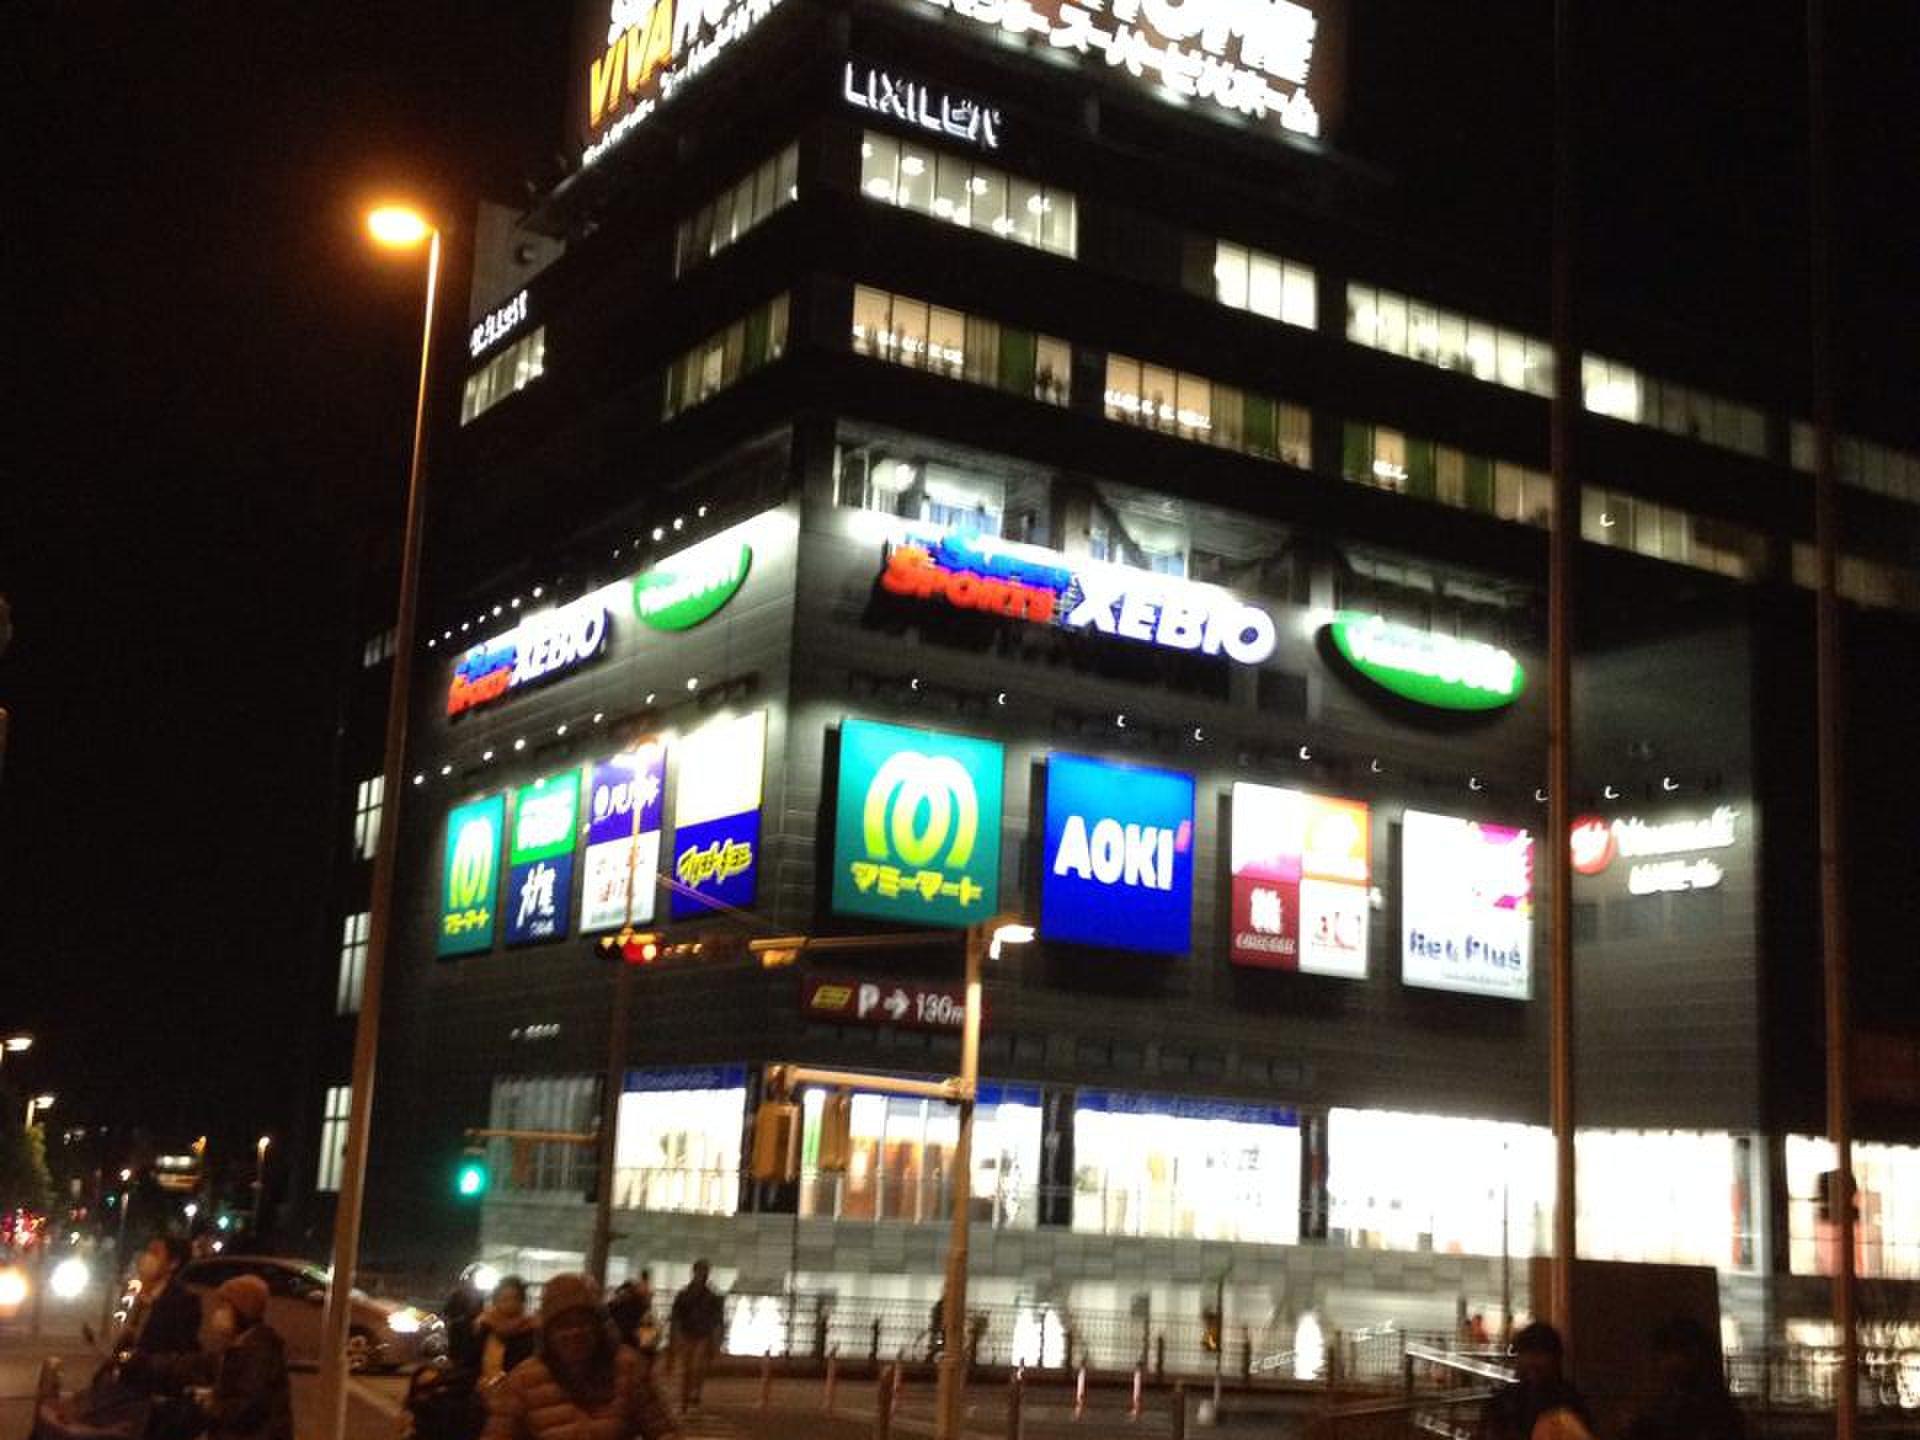 さいたま新都心駅で何でも揃っちゃう♪「ビバモール」がスゴすぎる!!